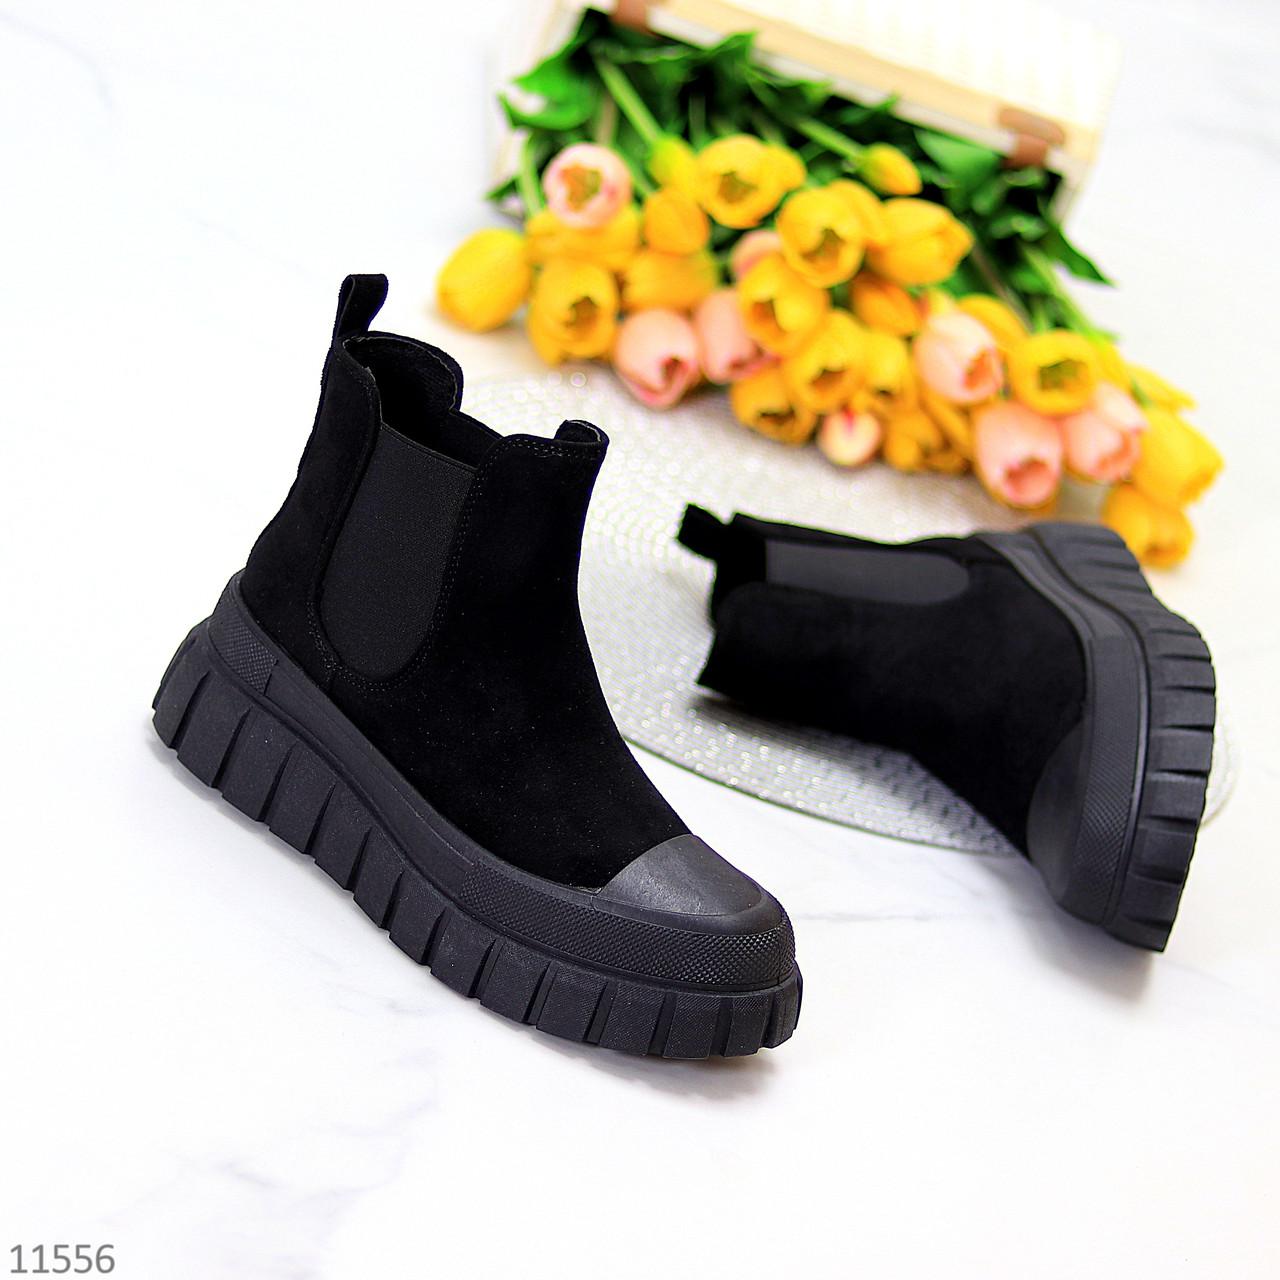 Жіночі черевики ДЕМІ чорні з гумкою еко замш весна/ осінь